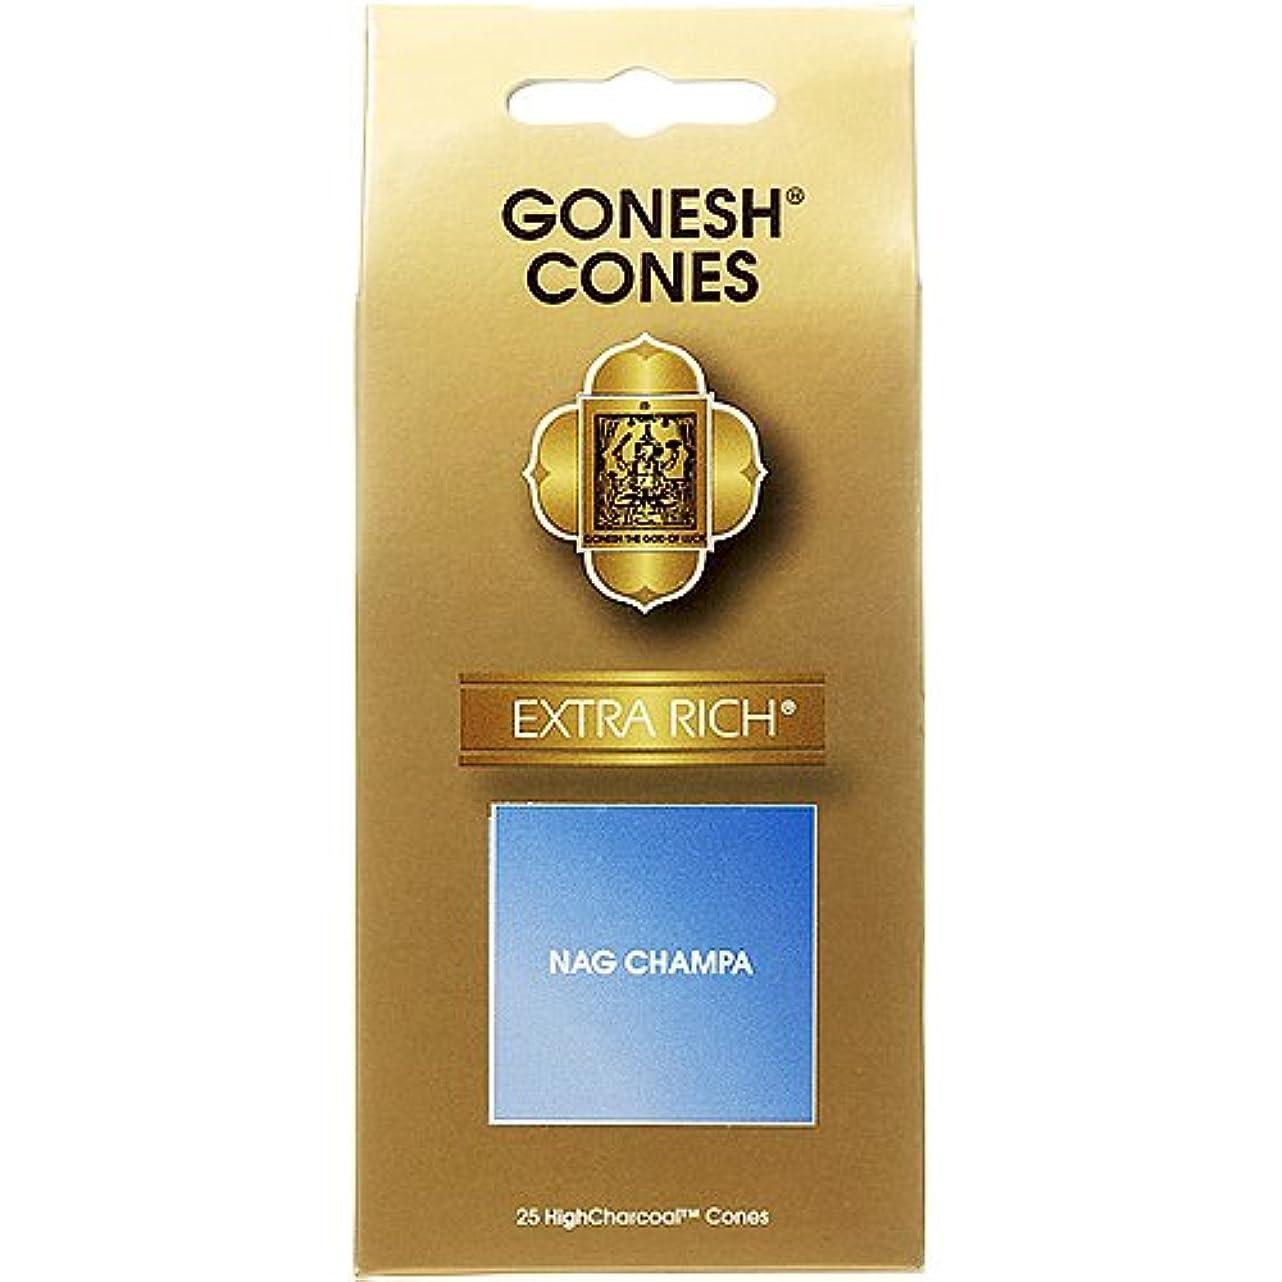 剃るくるみオーバーコートガーネッシュ(GONESH) エクストラリッチ インセンス コーン ナグチャンパ 25ヶ入